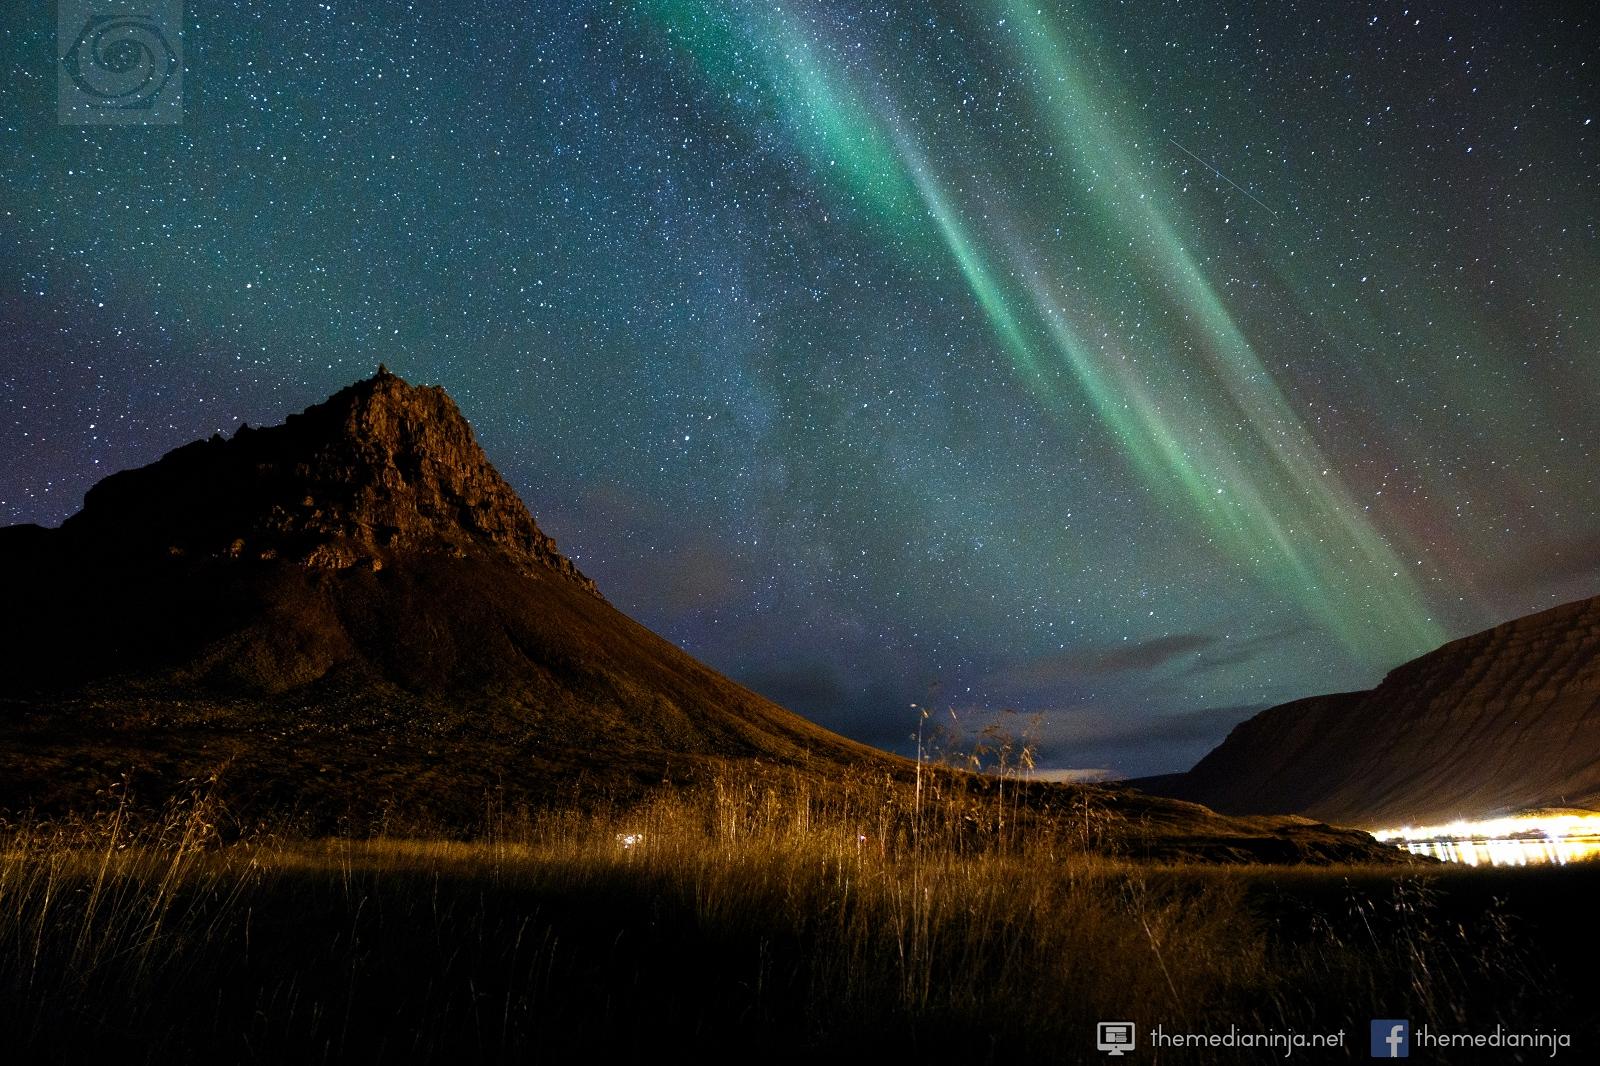 🇮🇸 Dalbraut, Bíldudalur, Iceland 🇮🇸